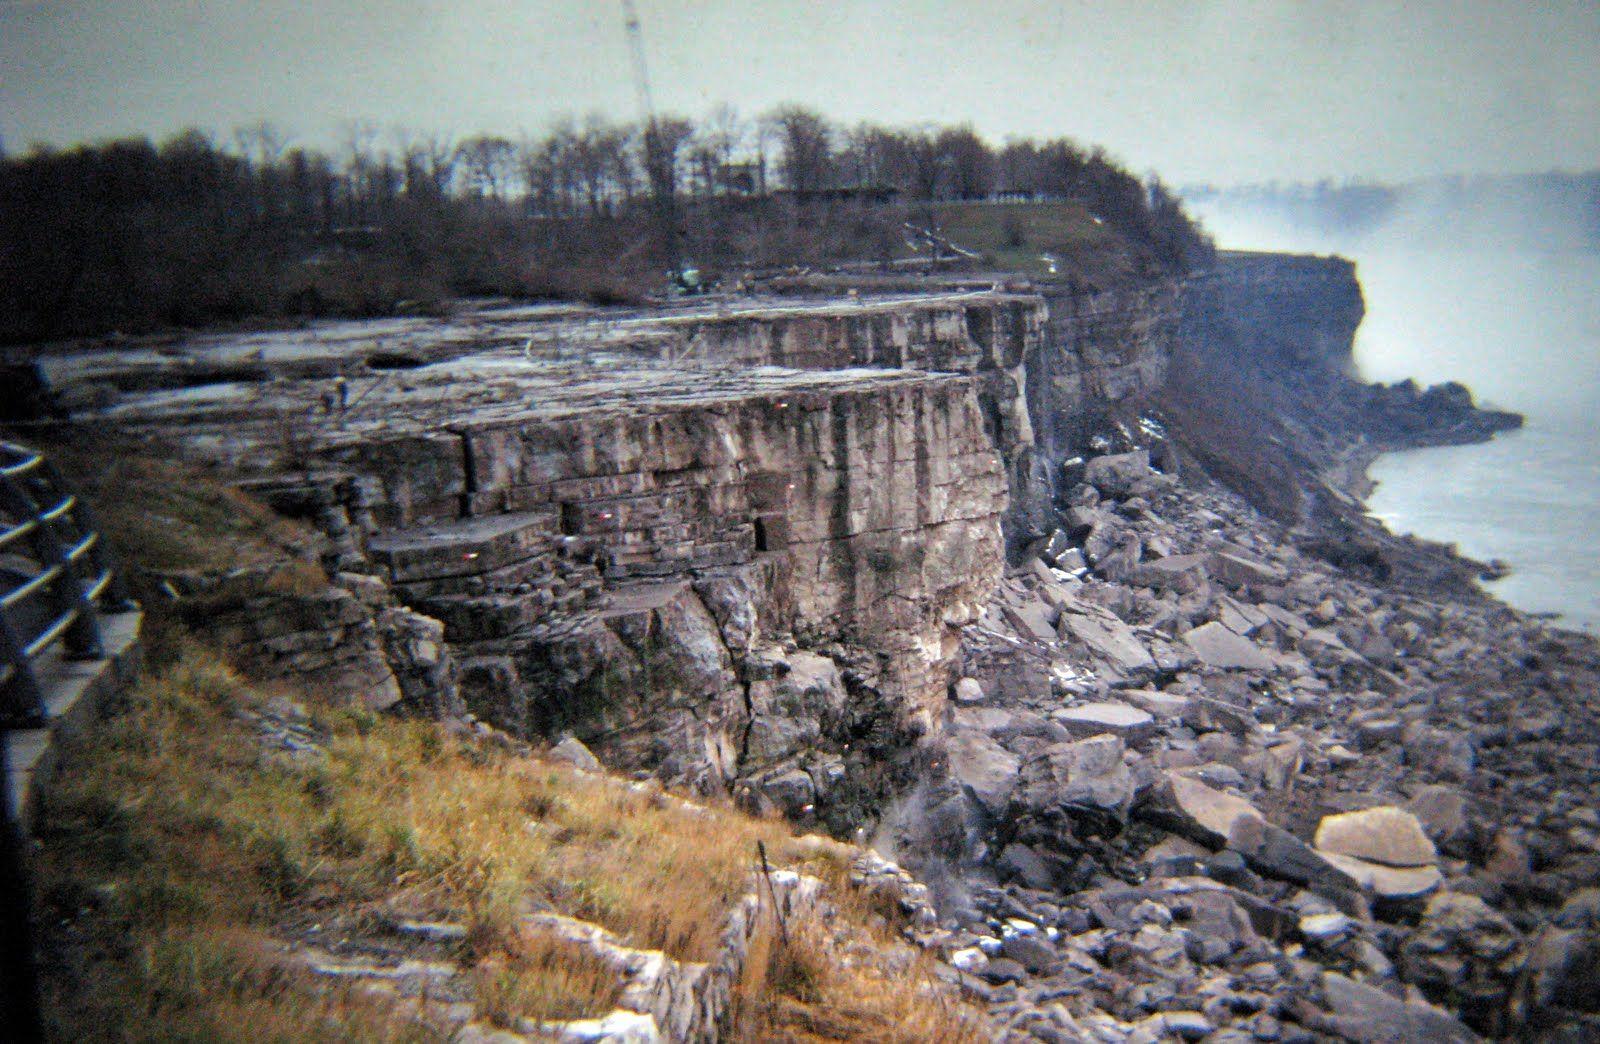 Niagara Falls - Closed for Maintenance, 1969 [1044 x 1600] (1.bp.blogspot.com)